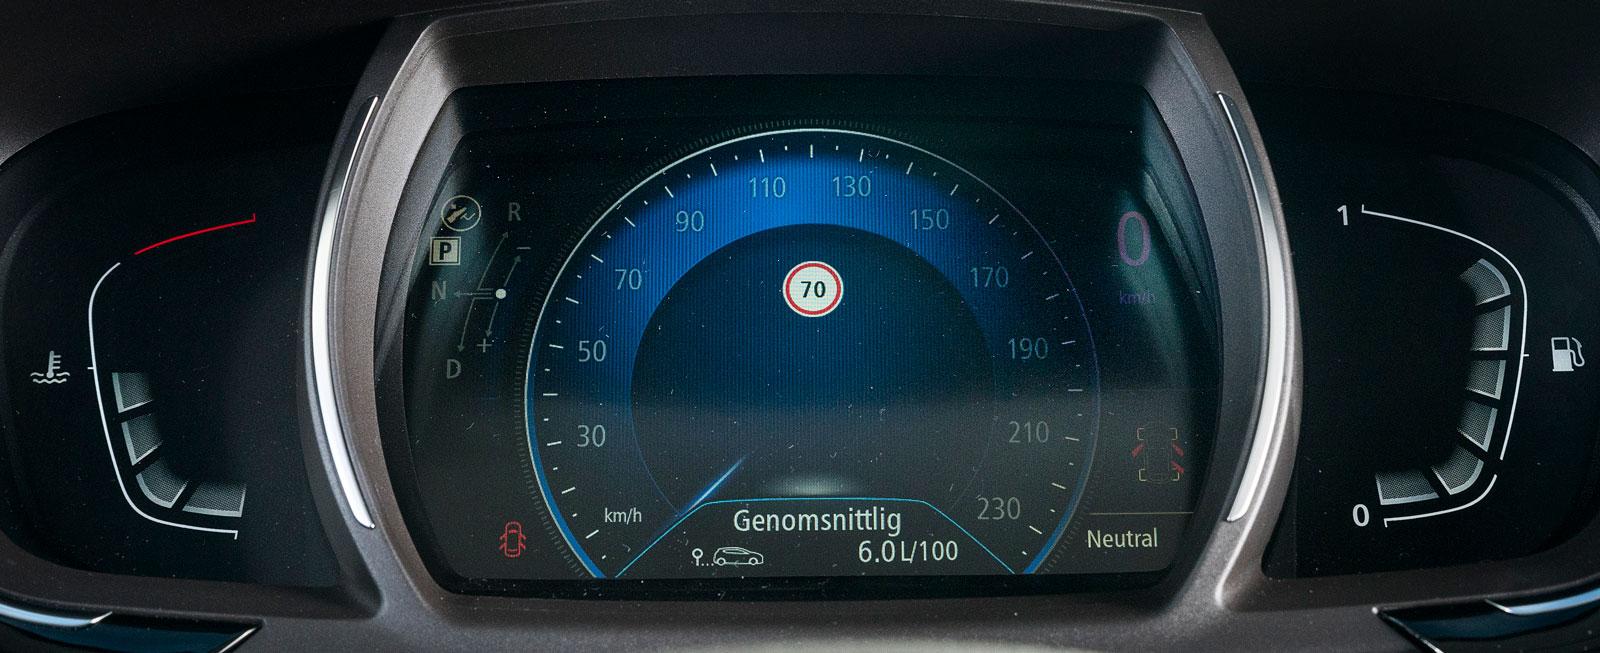 I Renault finns det en hastighetsmätare för alla smaker. Välj mellan fyra olika mätarlayouter i fem olika färger.